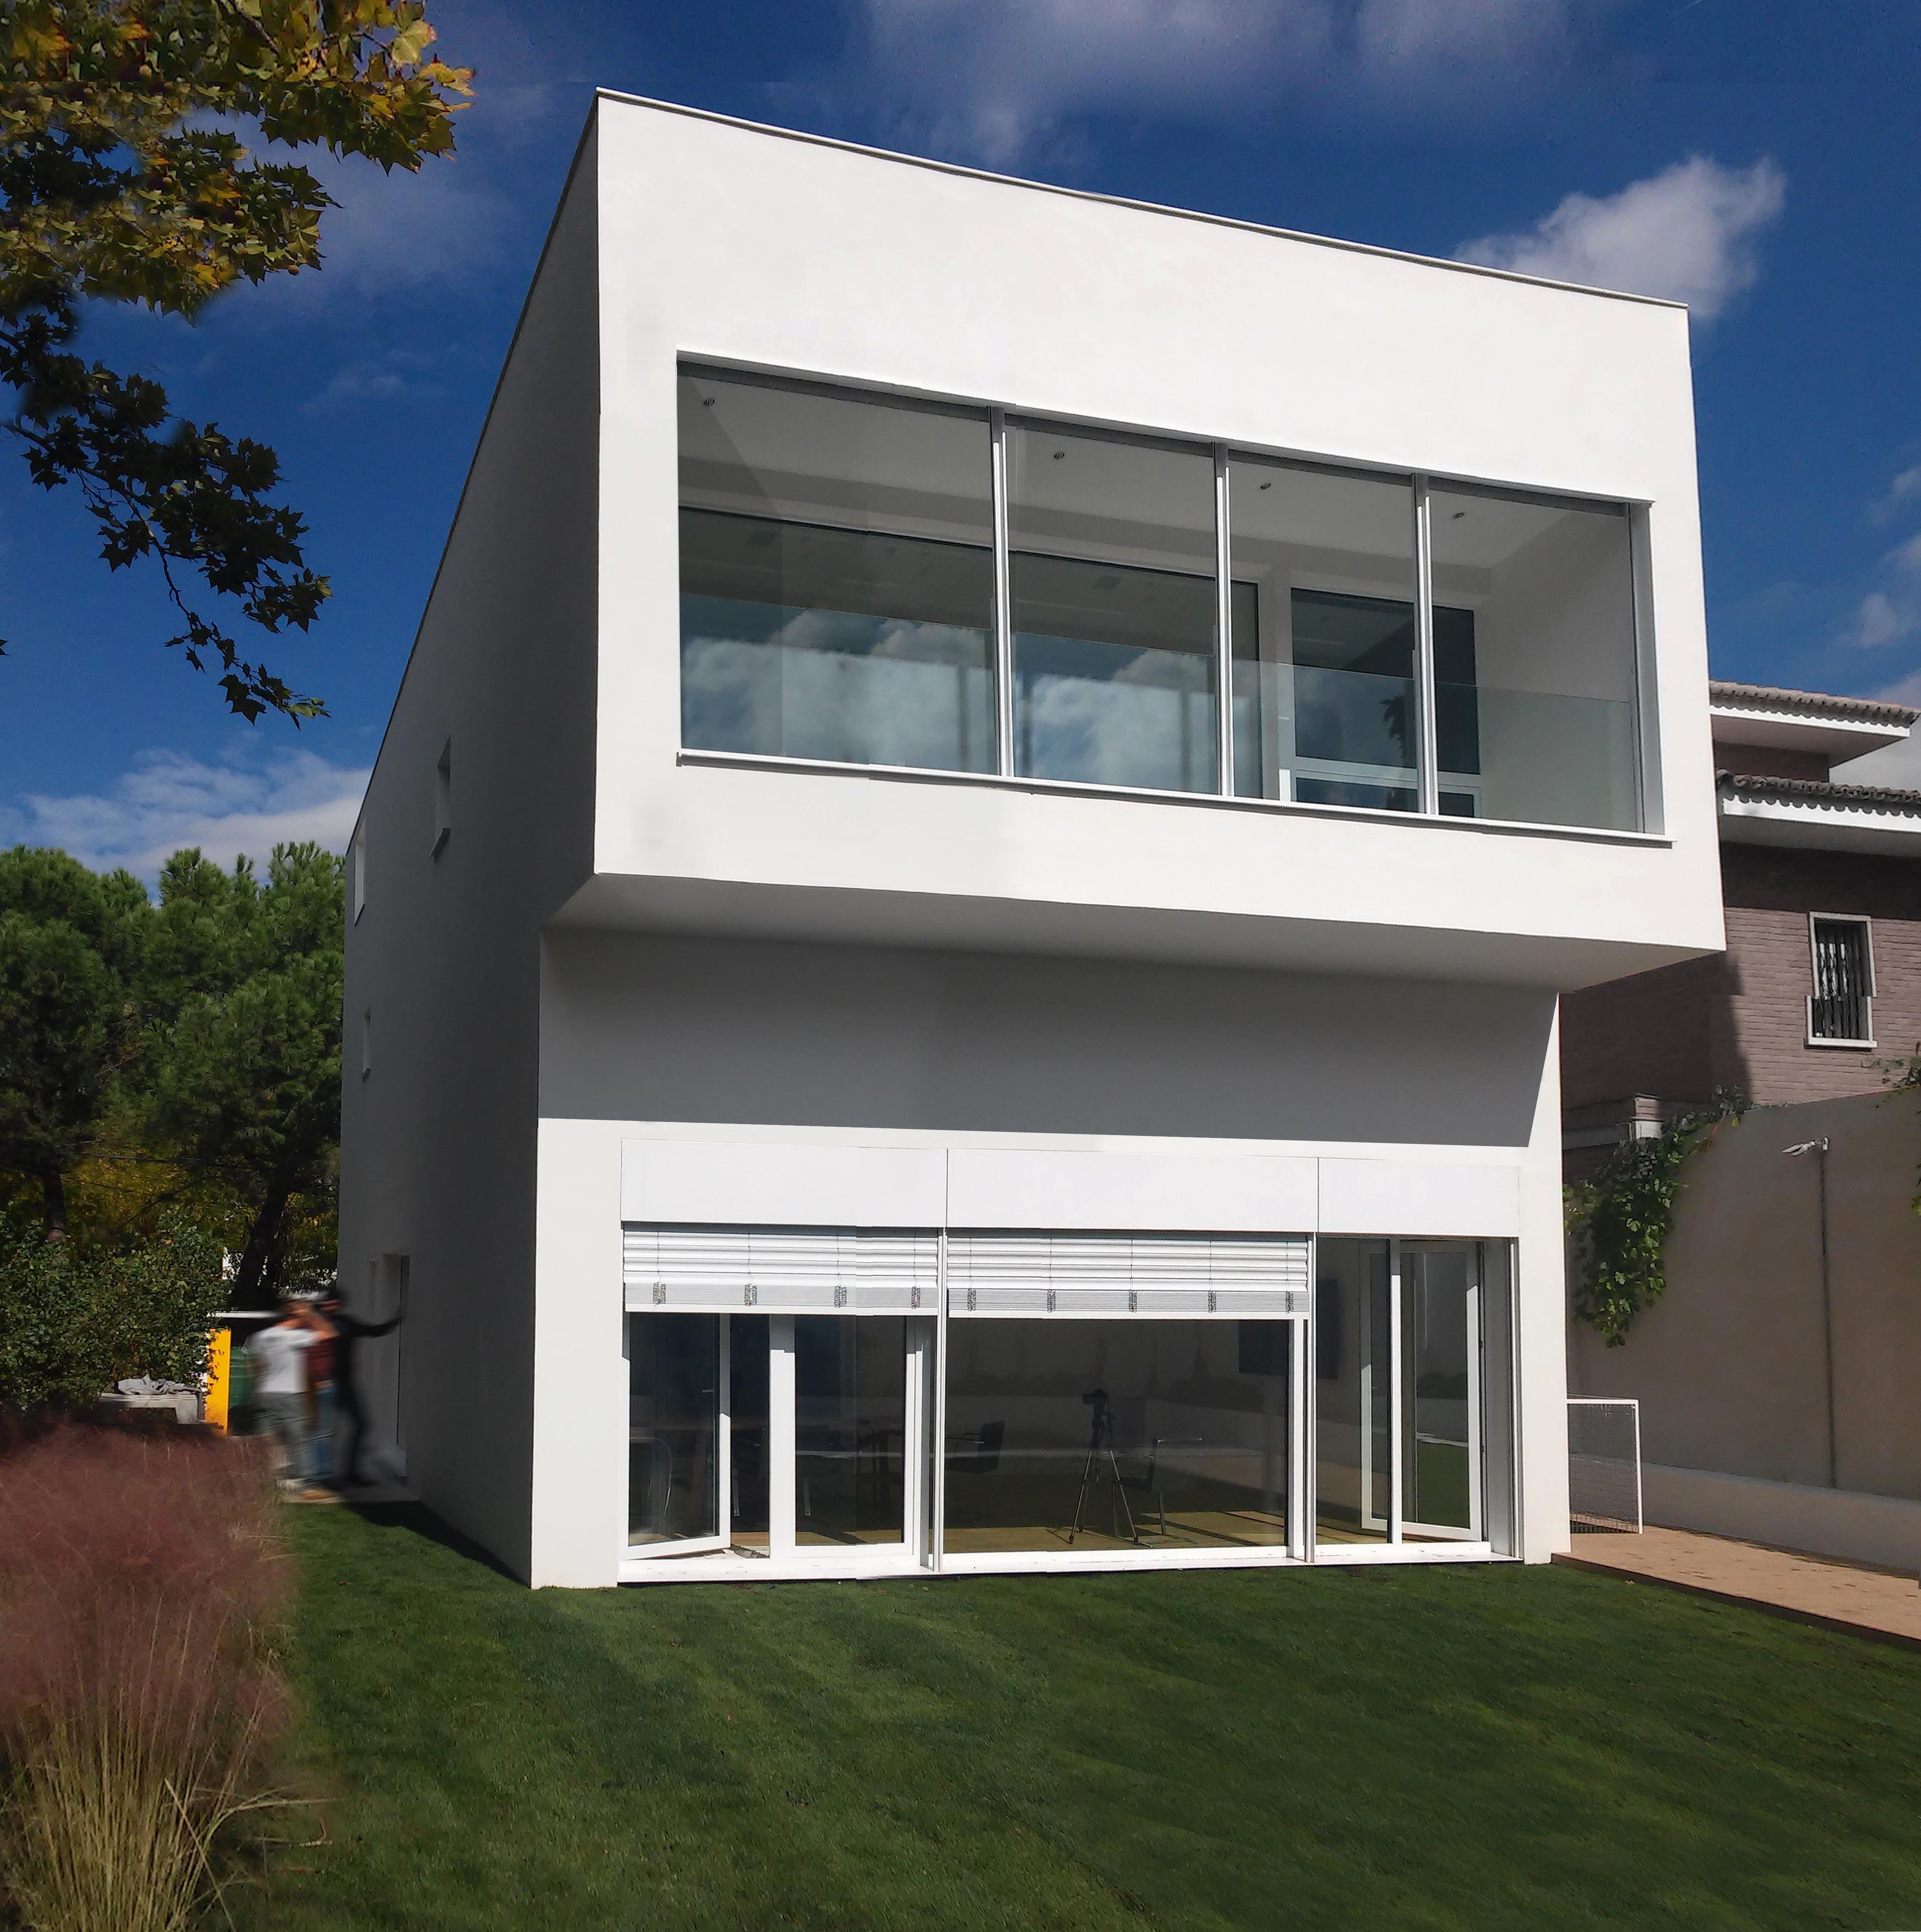 La vida en la primera casa pasiva de madrid capital mitos for Construir casas modernas